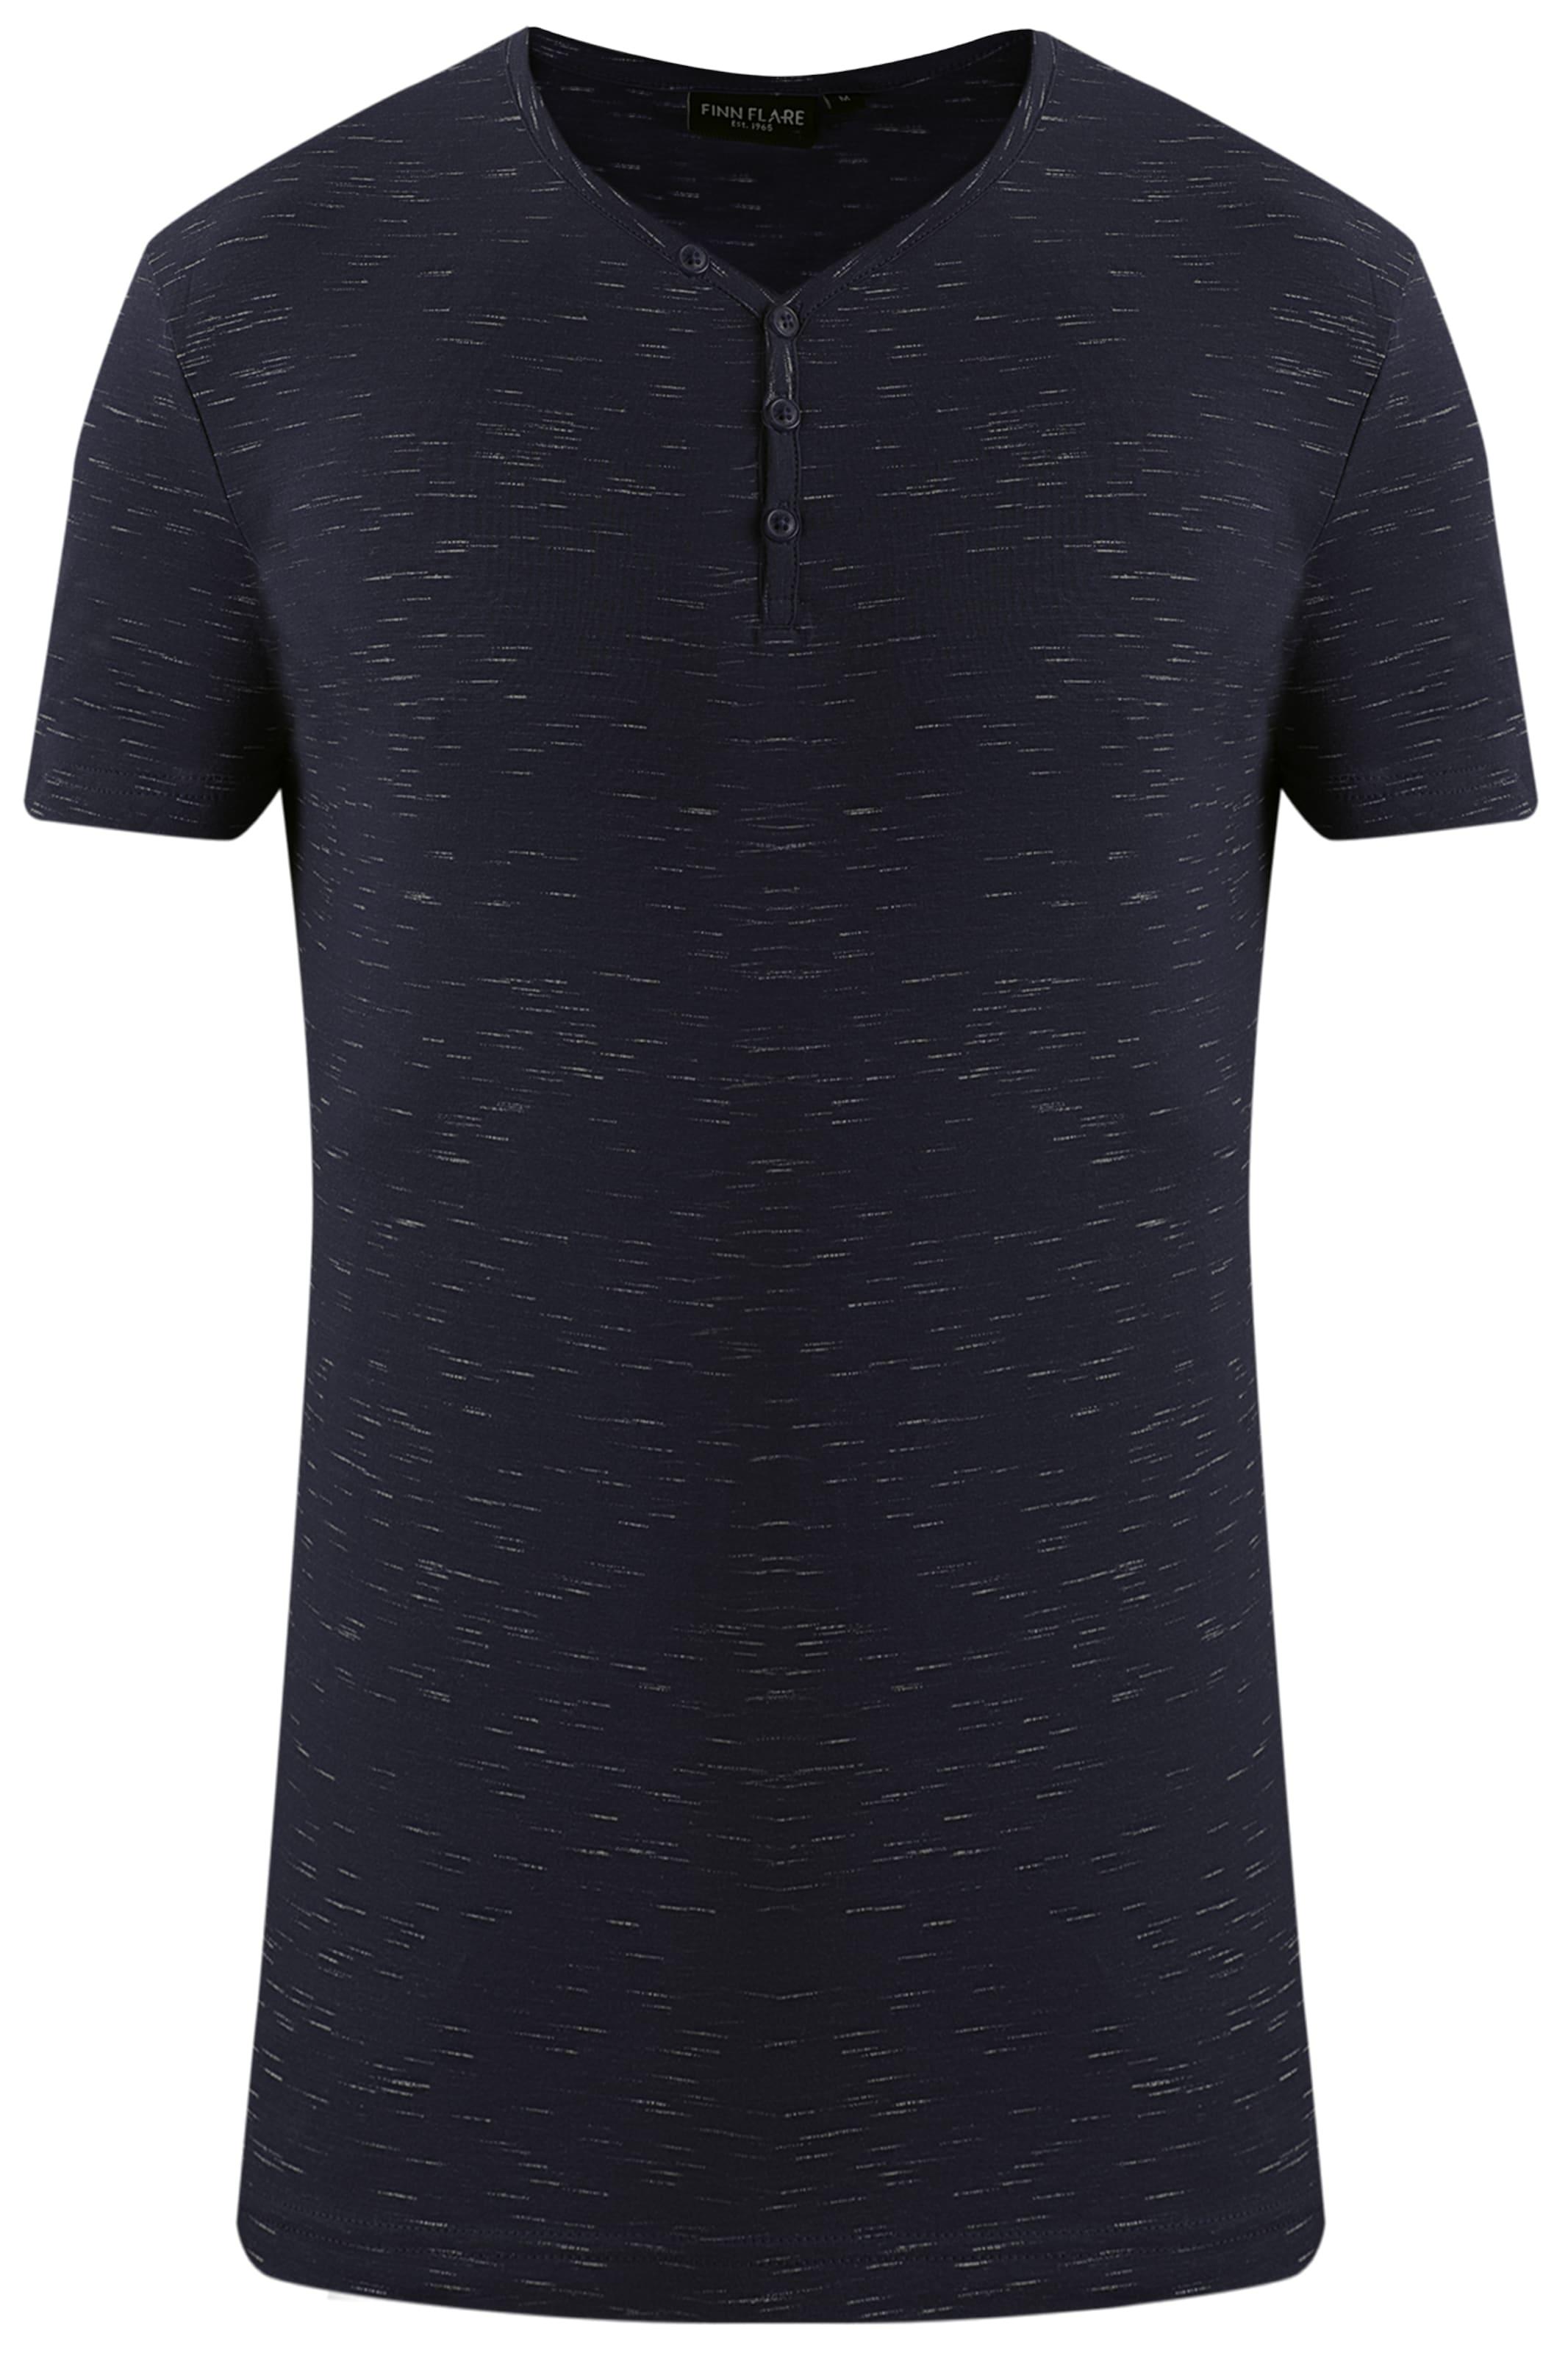 In Flare Finn T shirt Blau Fl3TcK1J